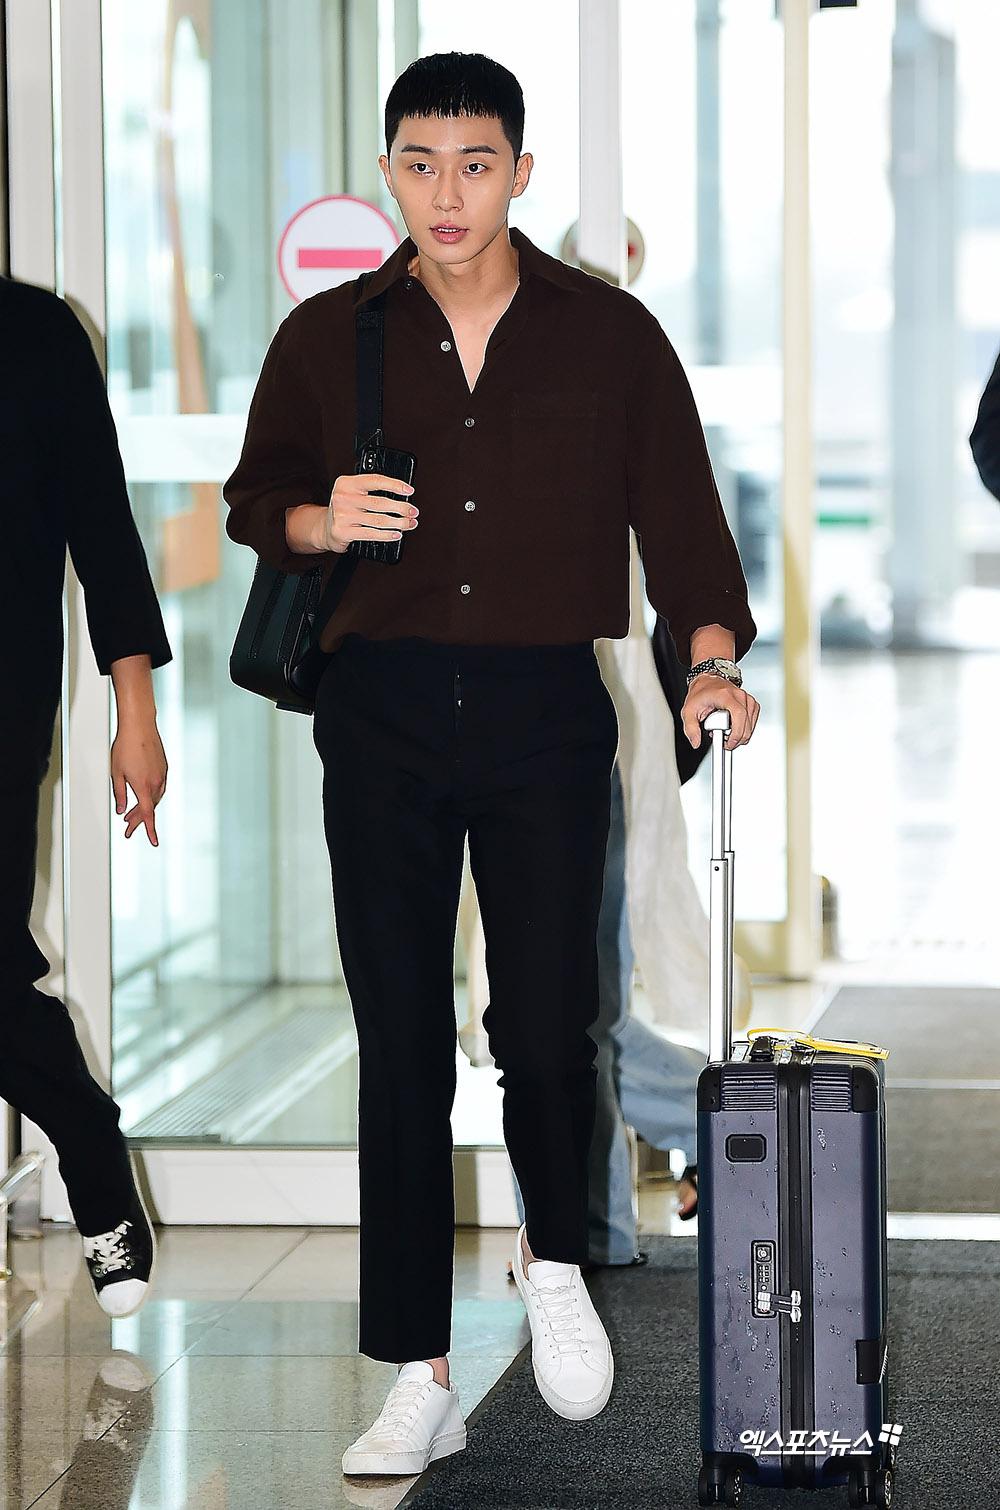 Ông chủ Danbam Park Seo Joon đúng là nam thần sân bay: Lúc như CEO đã giàu còn soái, khi đi dép xỏ ngón cũng ngầu như catwalk - Ảnh 17.